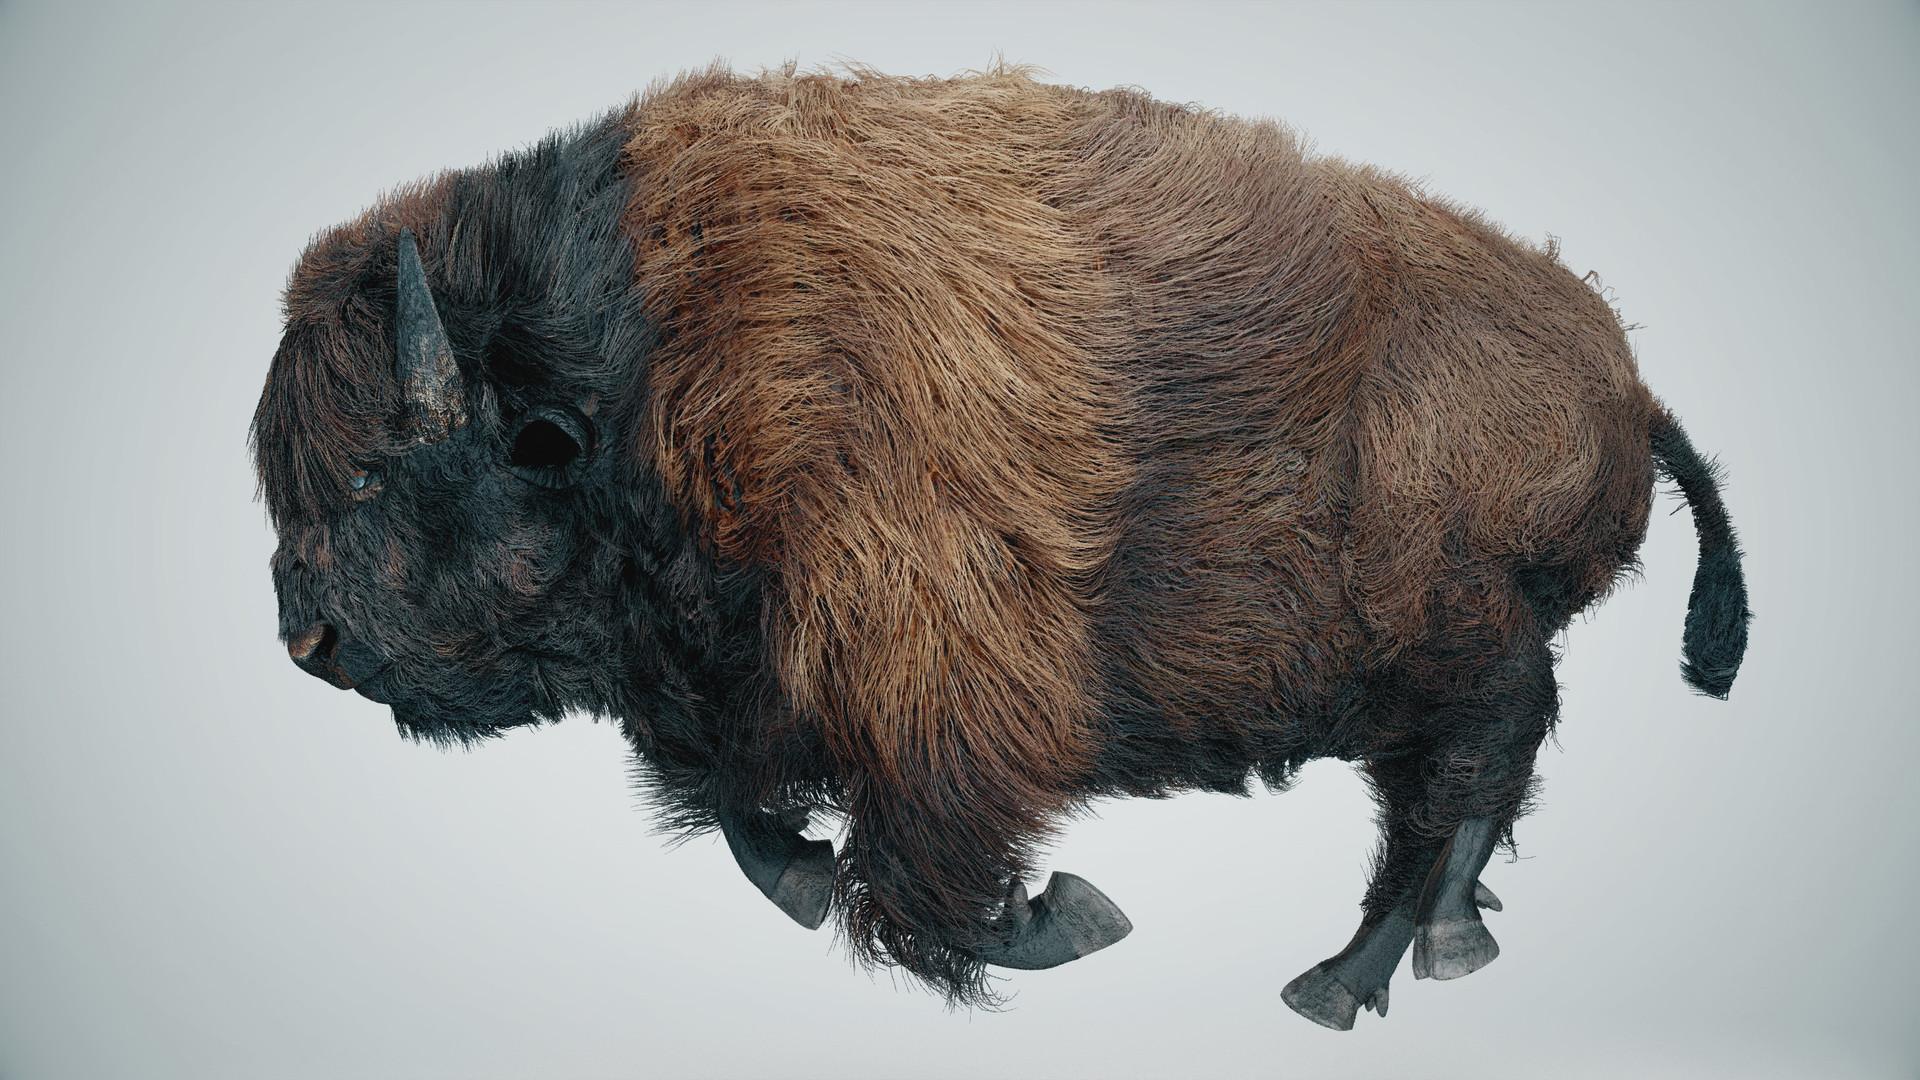 Alan kichl buffalo 01 v03 img 02